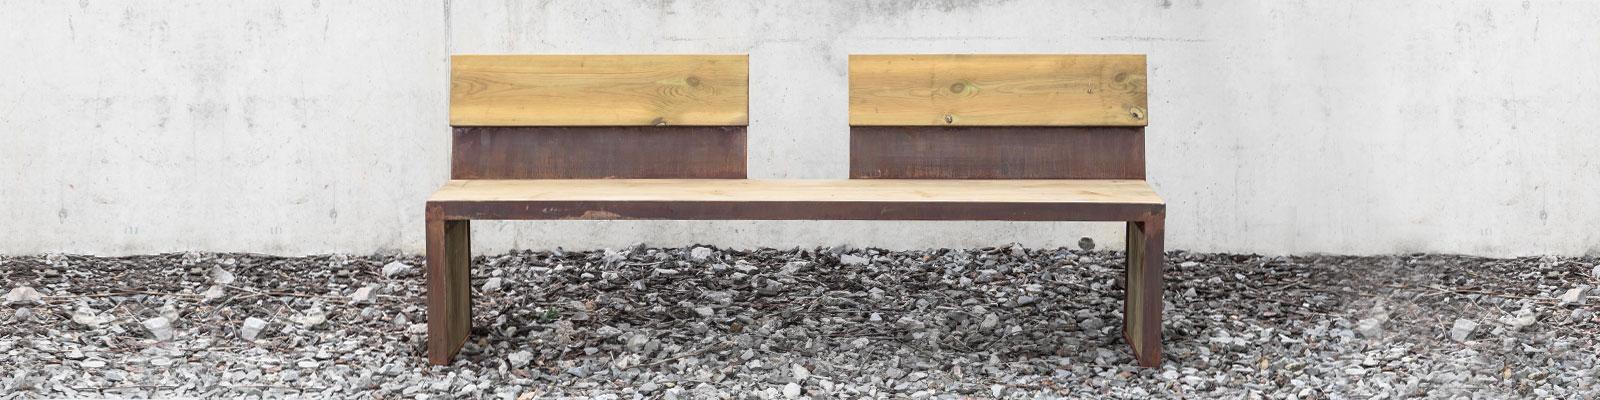 mobiliario urbano - nuevos materiales